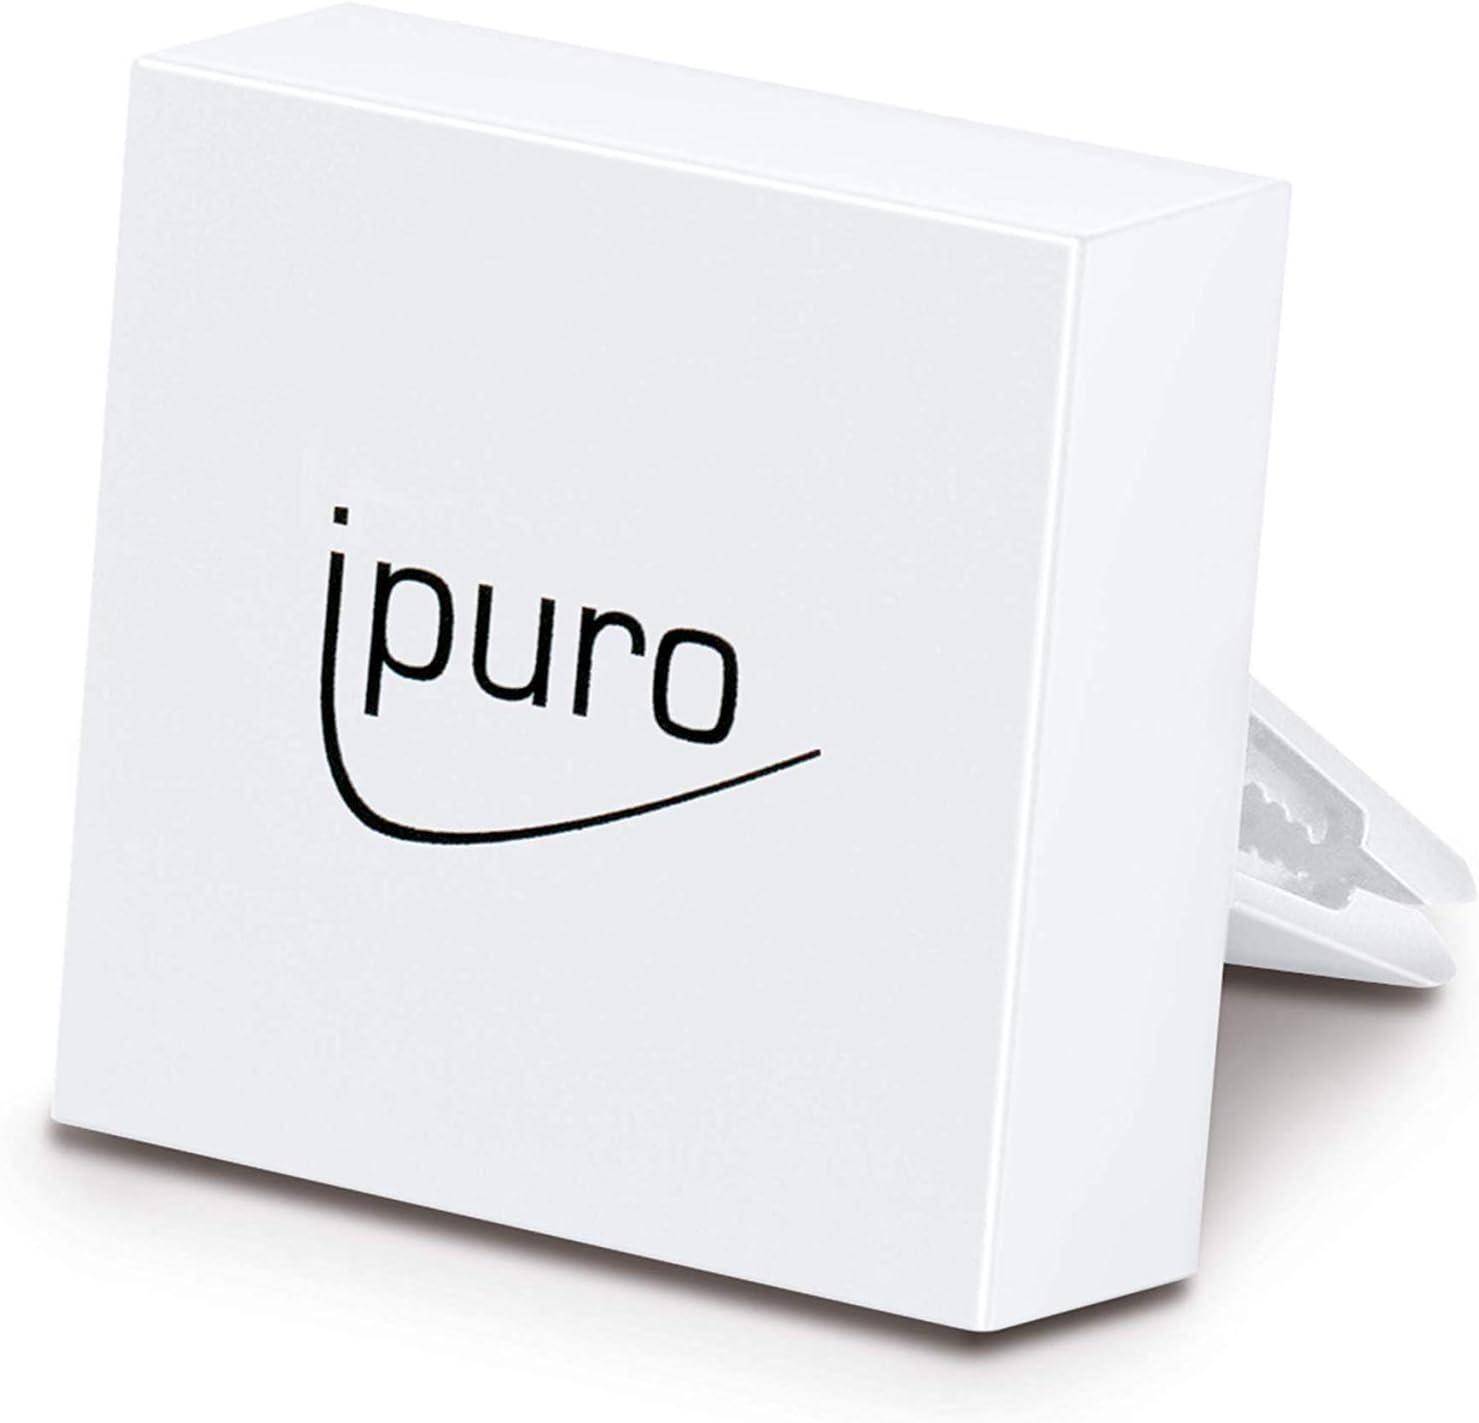 Ipuro Autoduft Car Clip White Hochwertiger Duftspender Für Ihr Auto Einfache Montage Am Lüftungsgitter Automatische Verteilung Durch Die Lüftung Drogerie Körperpflege